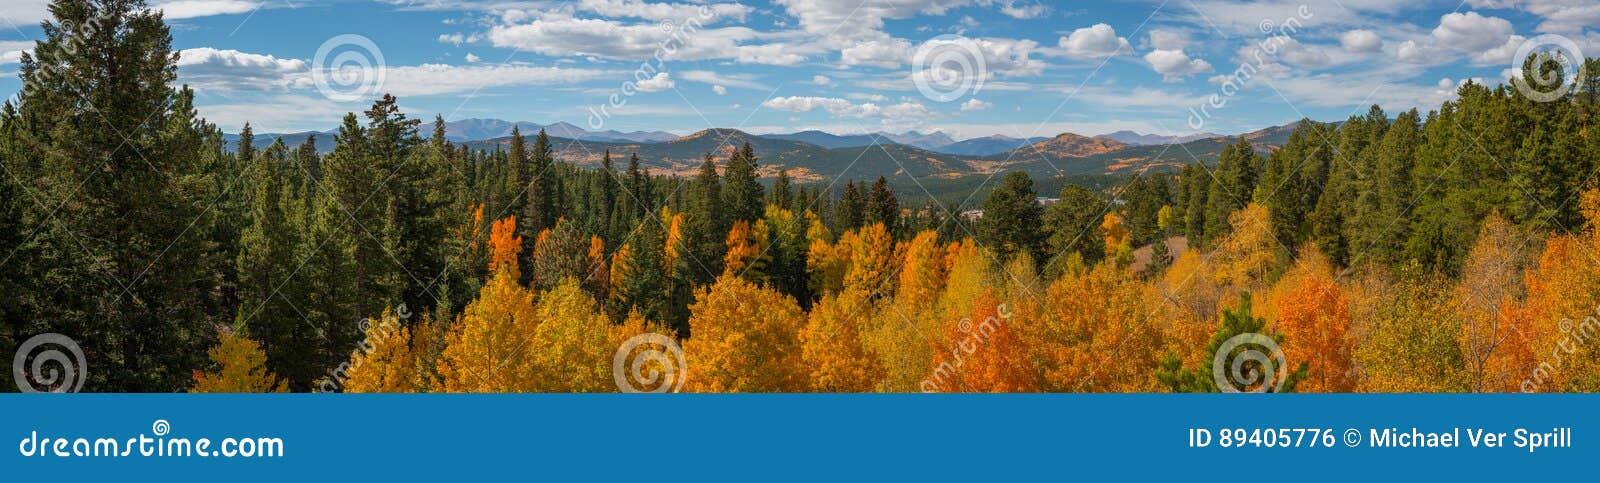 Panorama da paisagem de Colorado no outono